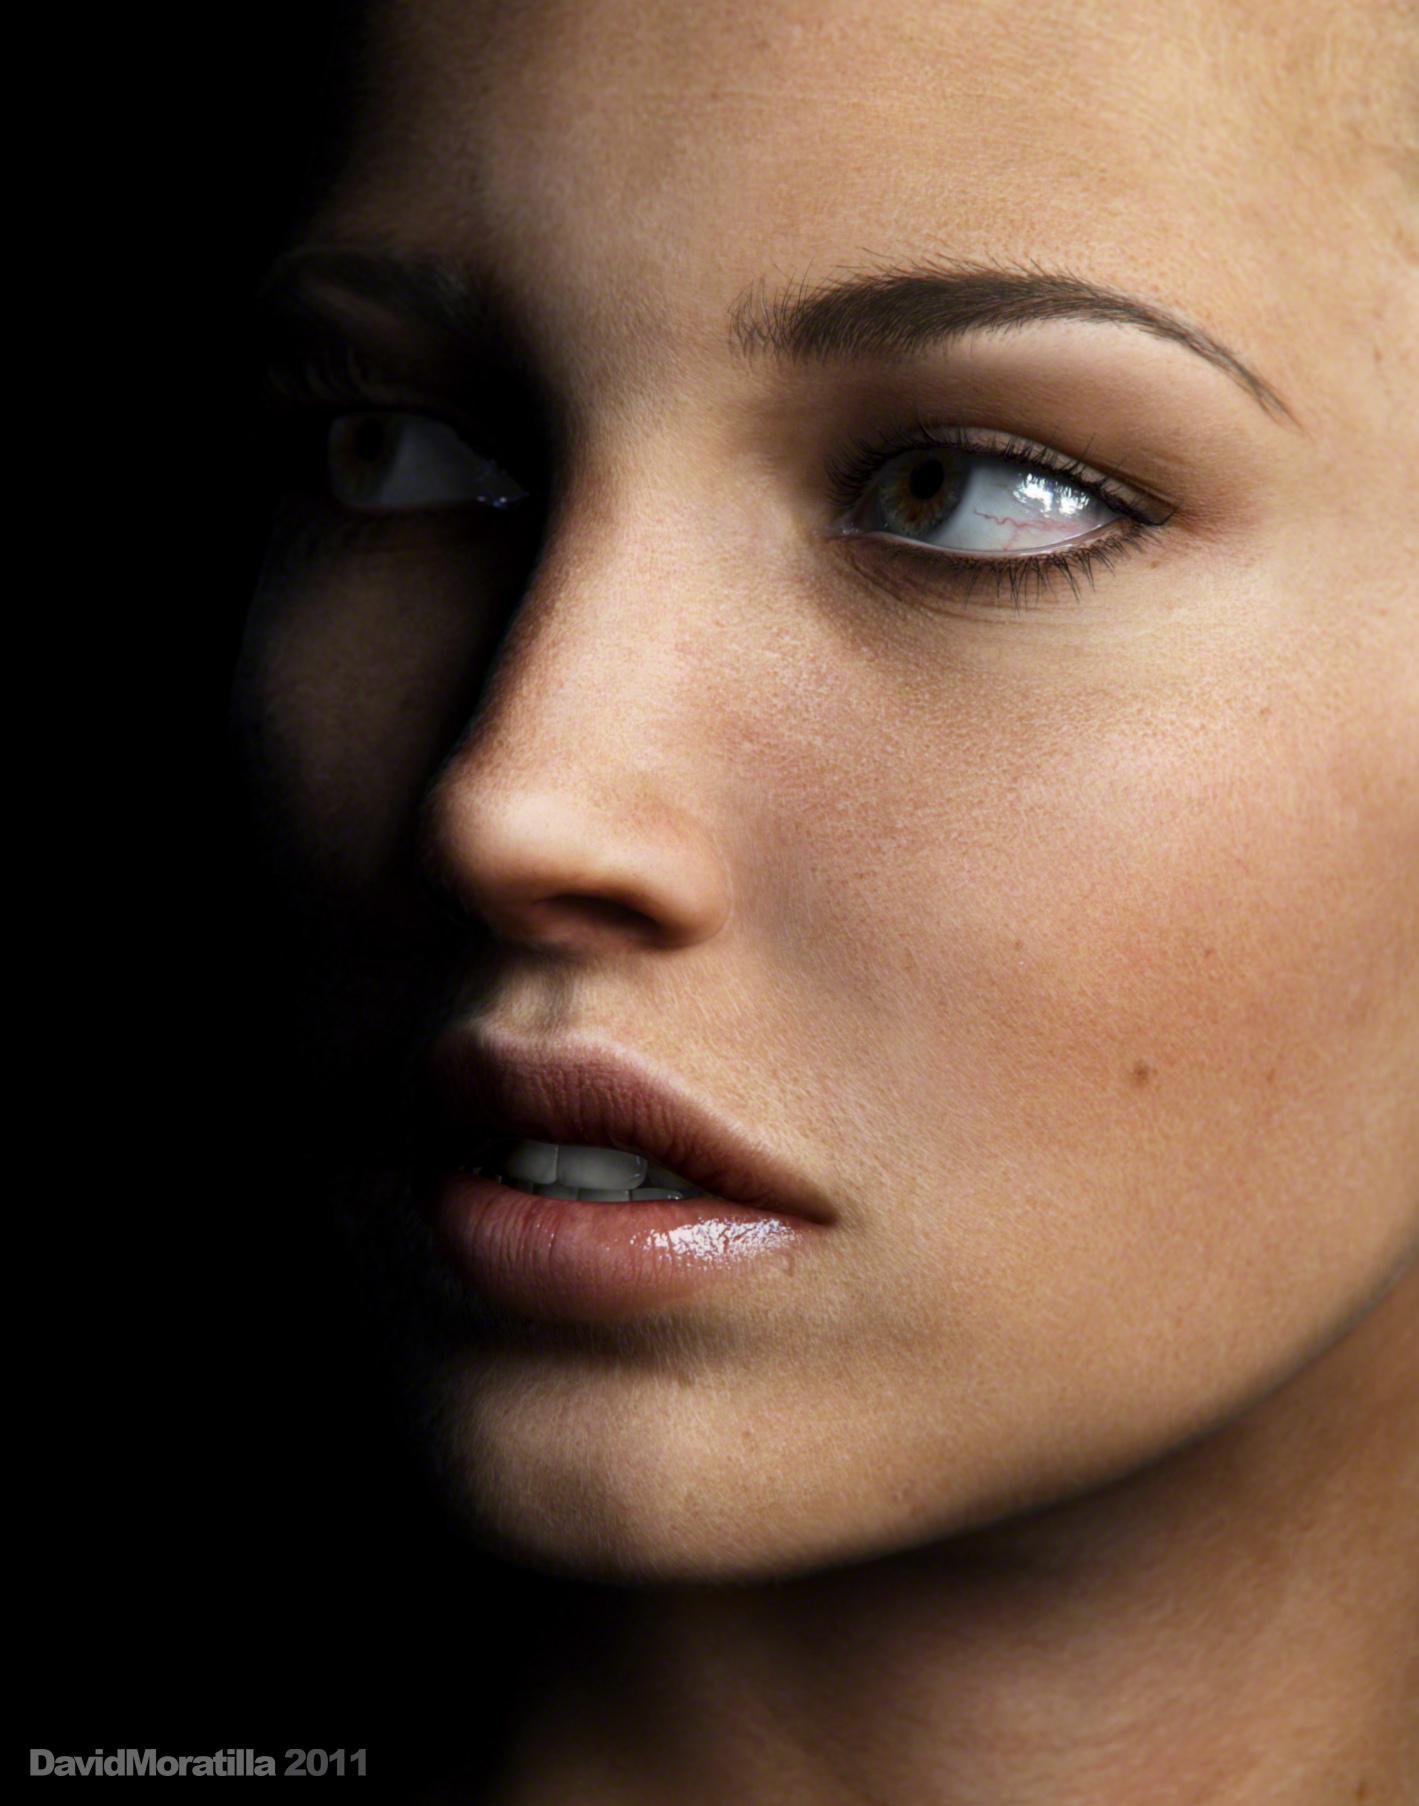 Portrait12.jpg (Image JPEG, 1419x1806 pixels) - Redimensionnée (50%)